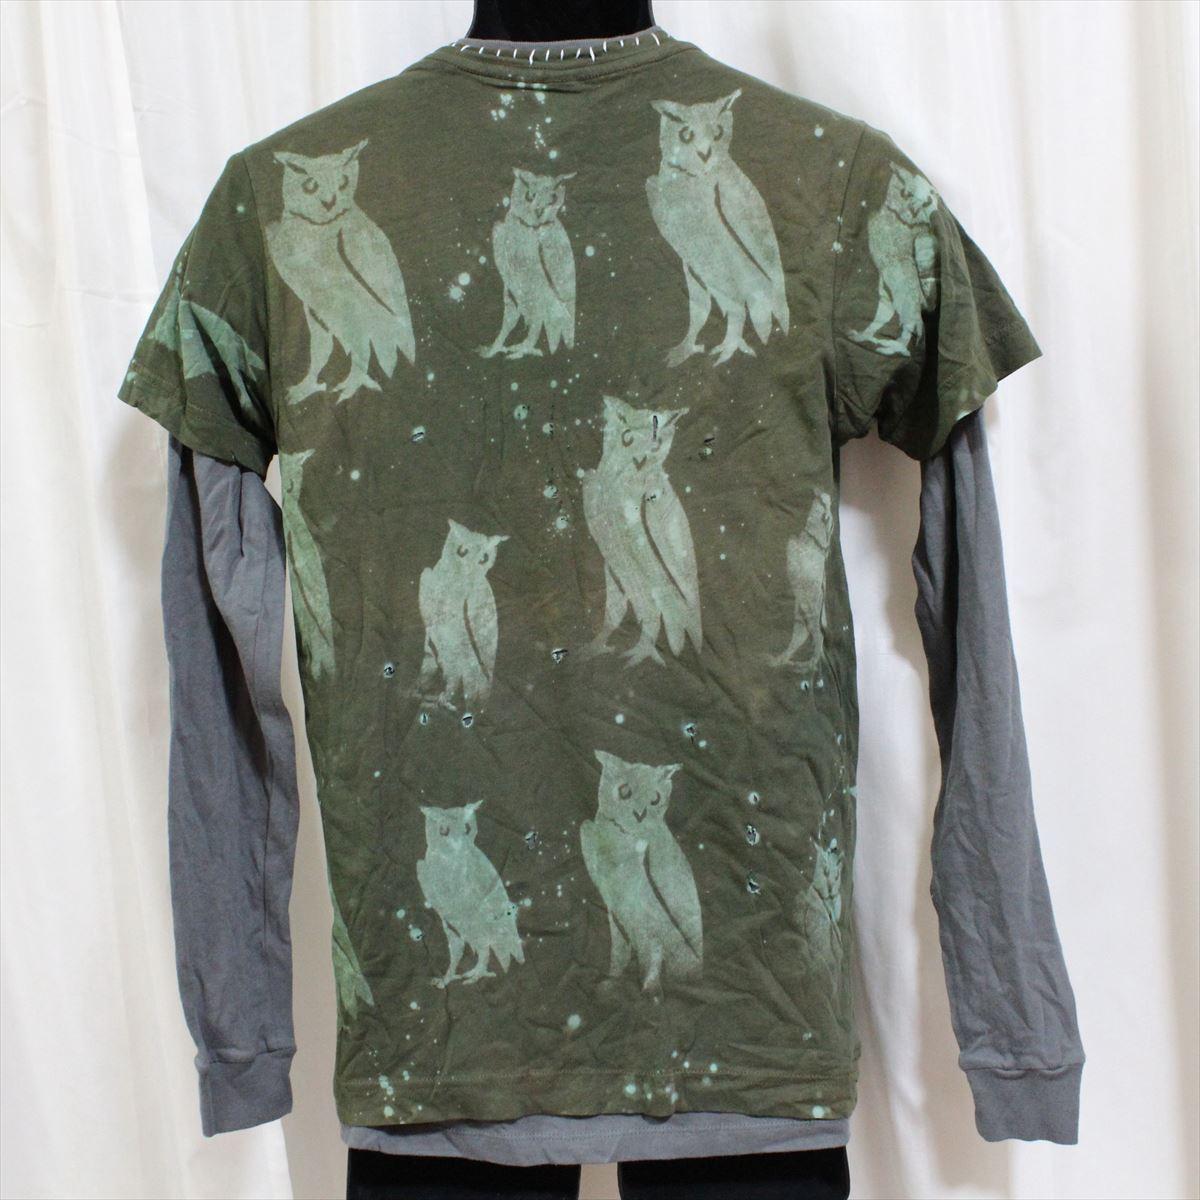 アイコニック ICONIC COUTURE メンズ長袖Tシャツ カーキグリーン Lサイズ 新品 ダブルスリーブ フクロウ アメリカ製_画像4